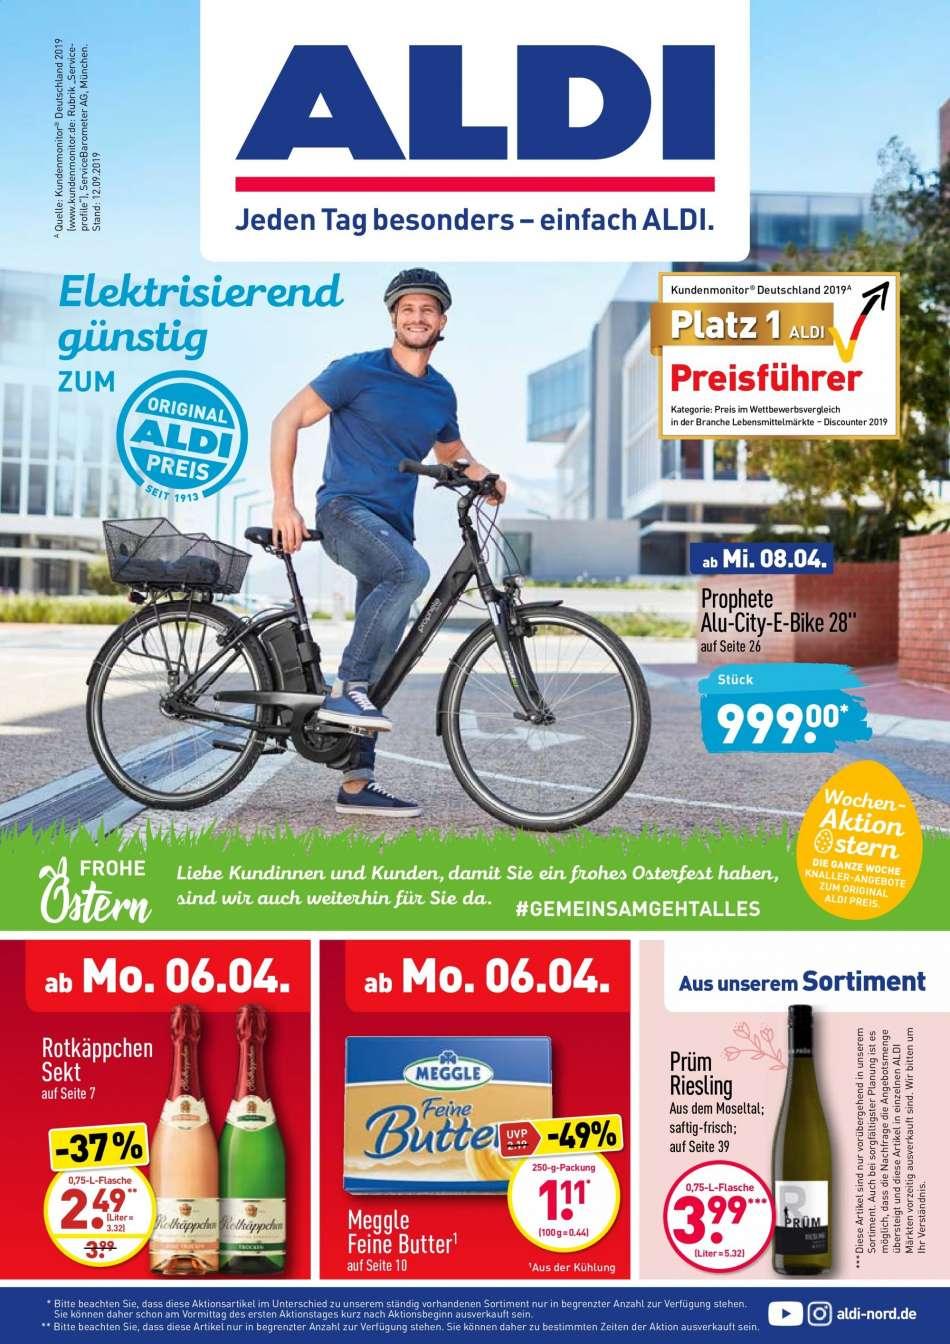 Full Size of Aldi Gartenliege 2020 Nord Prospekt 642020 1142020 Rabatt Kompass Relaxsessel Garten Wohnzimmer Aldi Gartenliege 2020